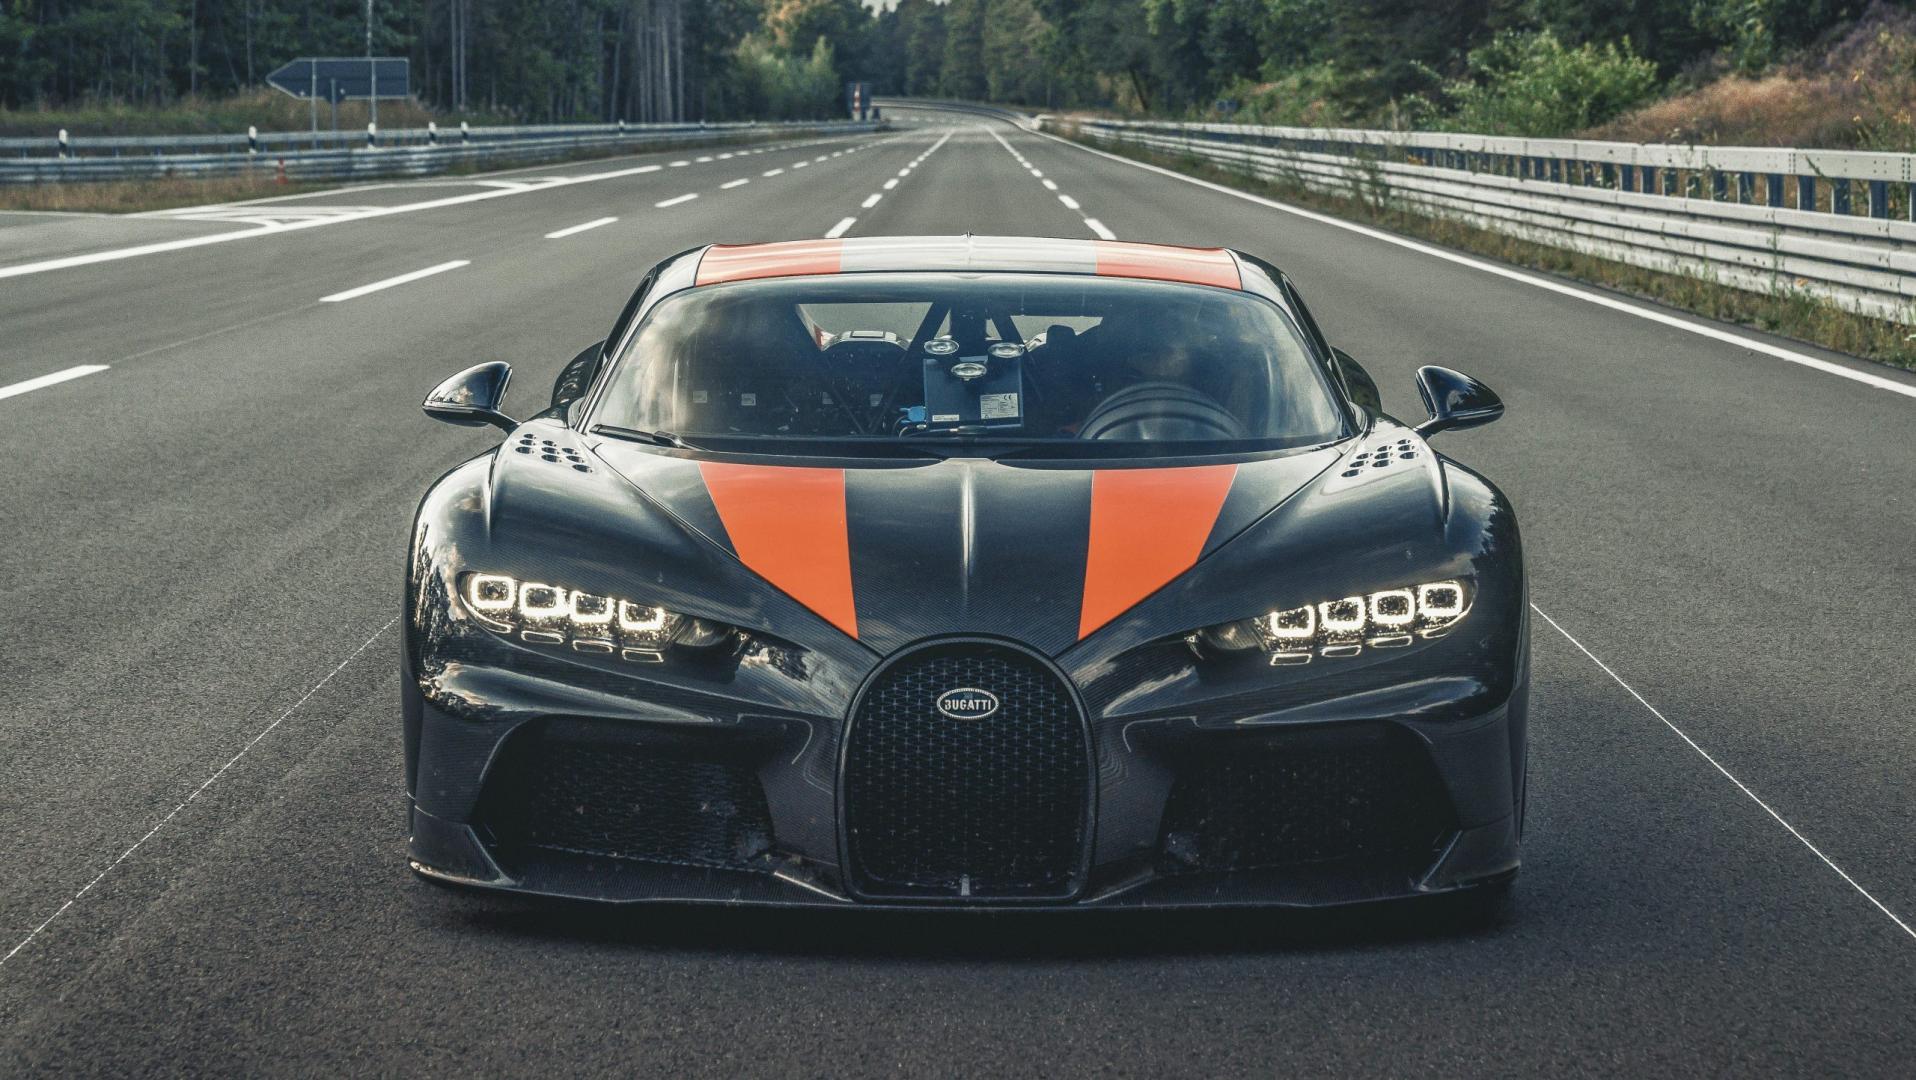 Bugatti Chiron Super Sport 300 + voor